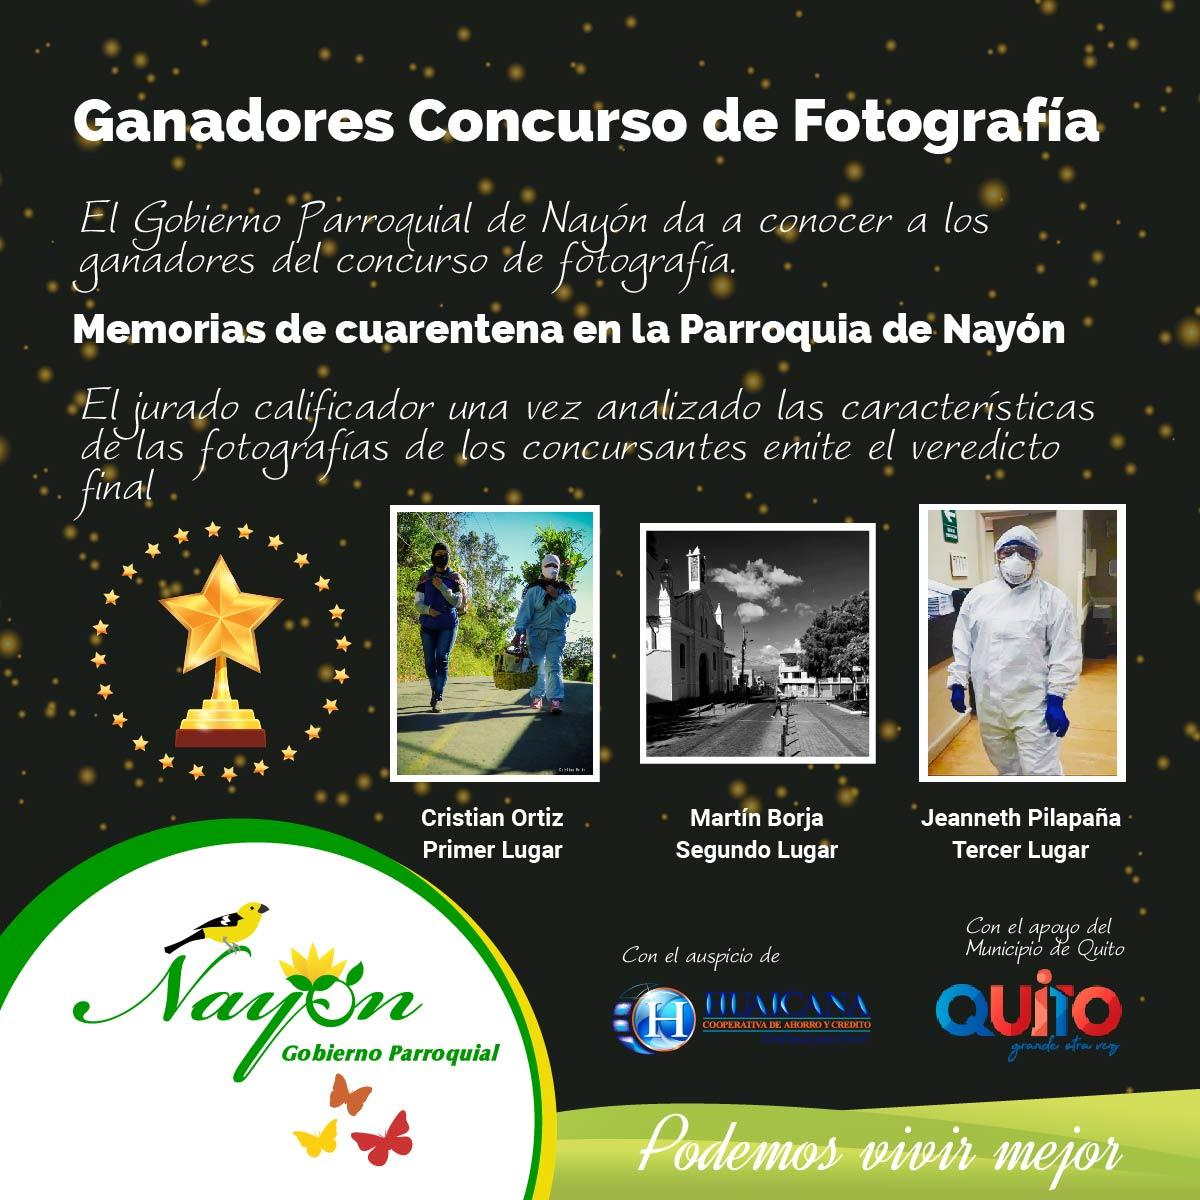 Gnadores Concurso de Fotografía